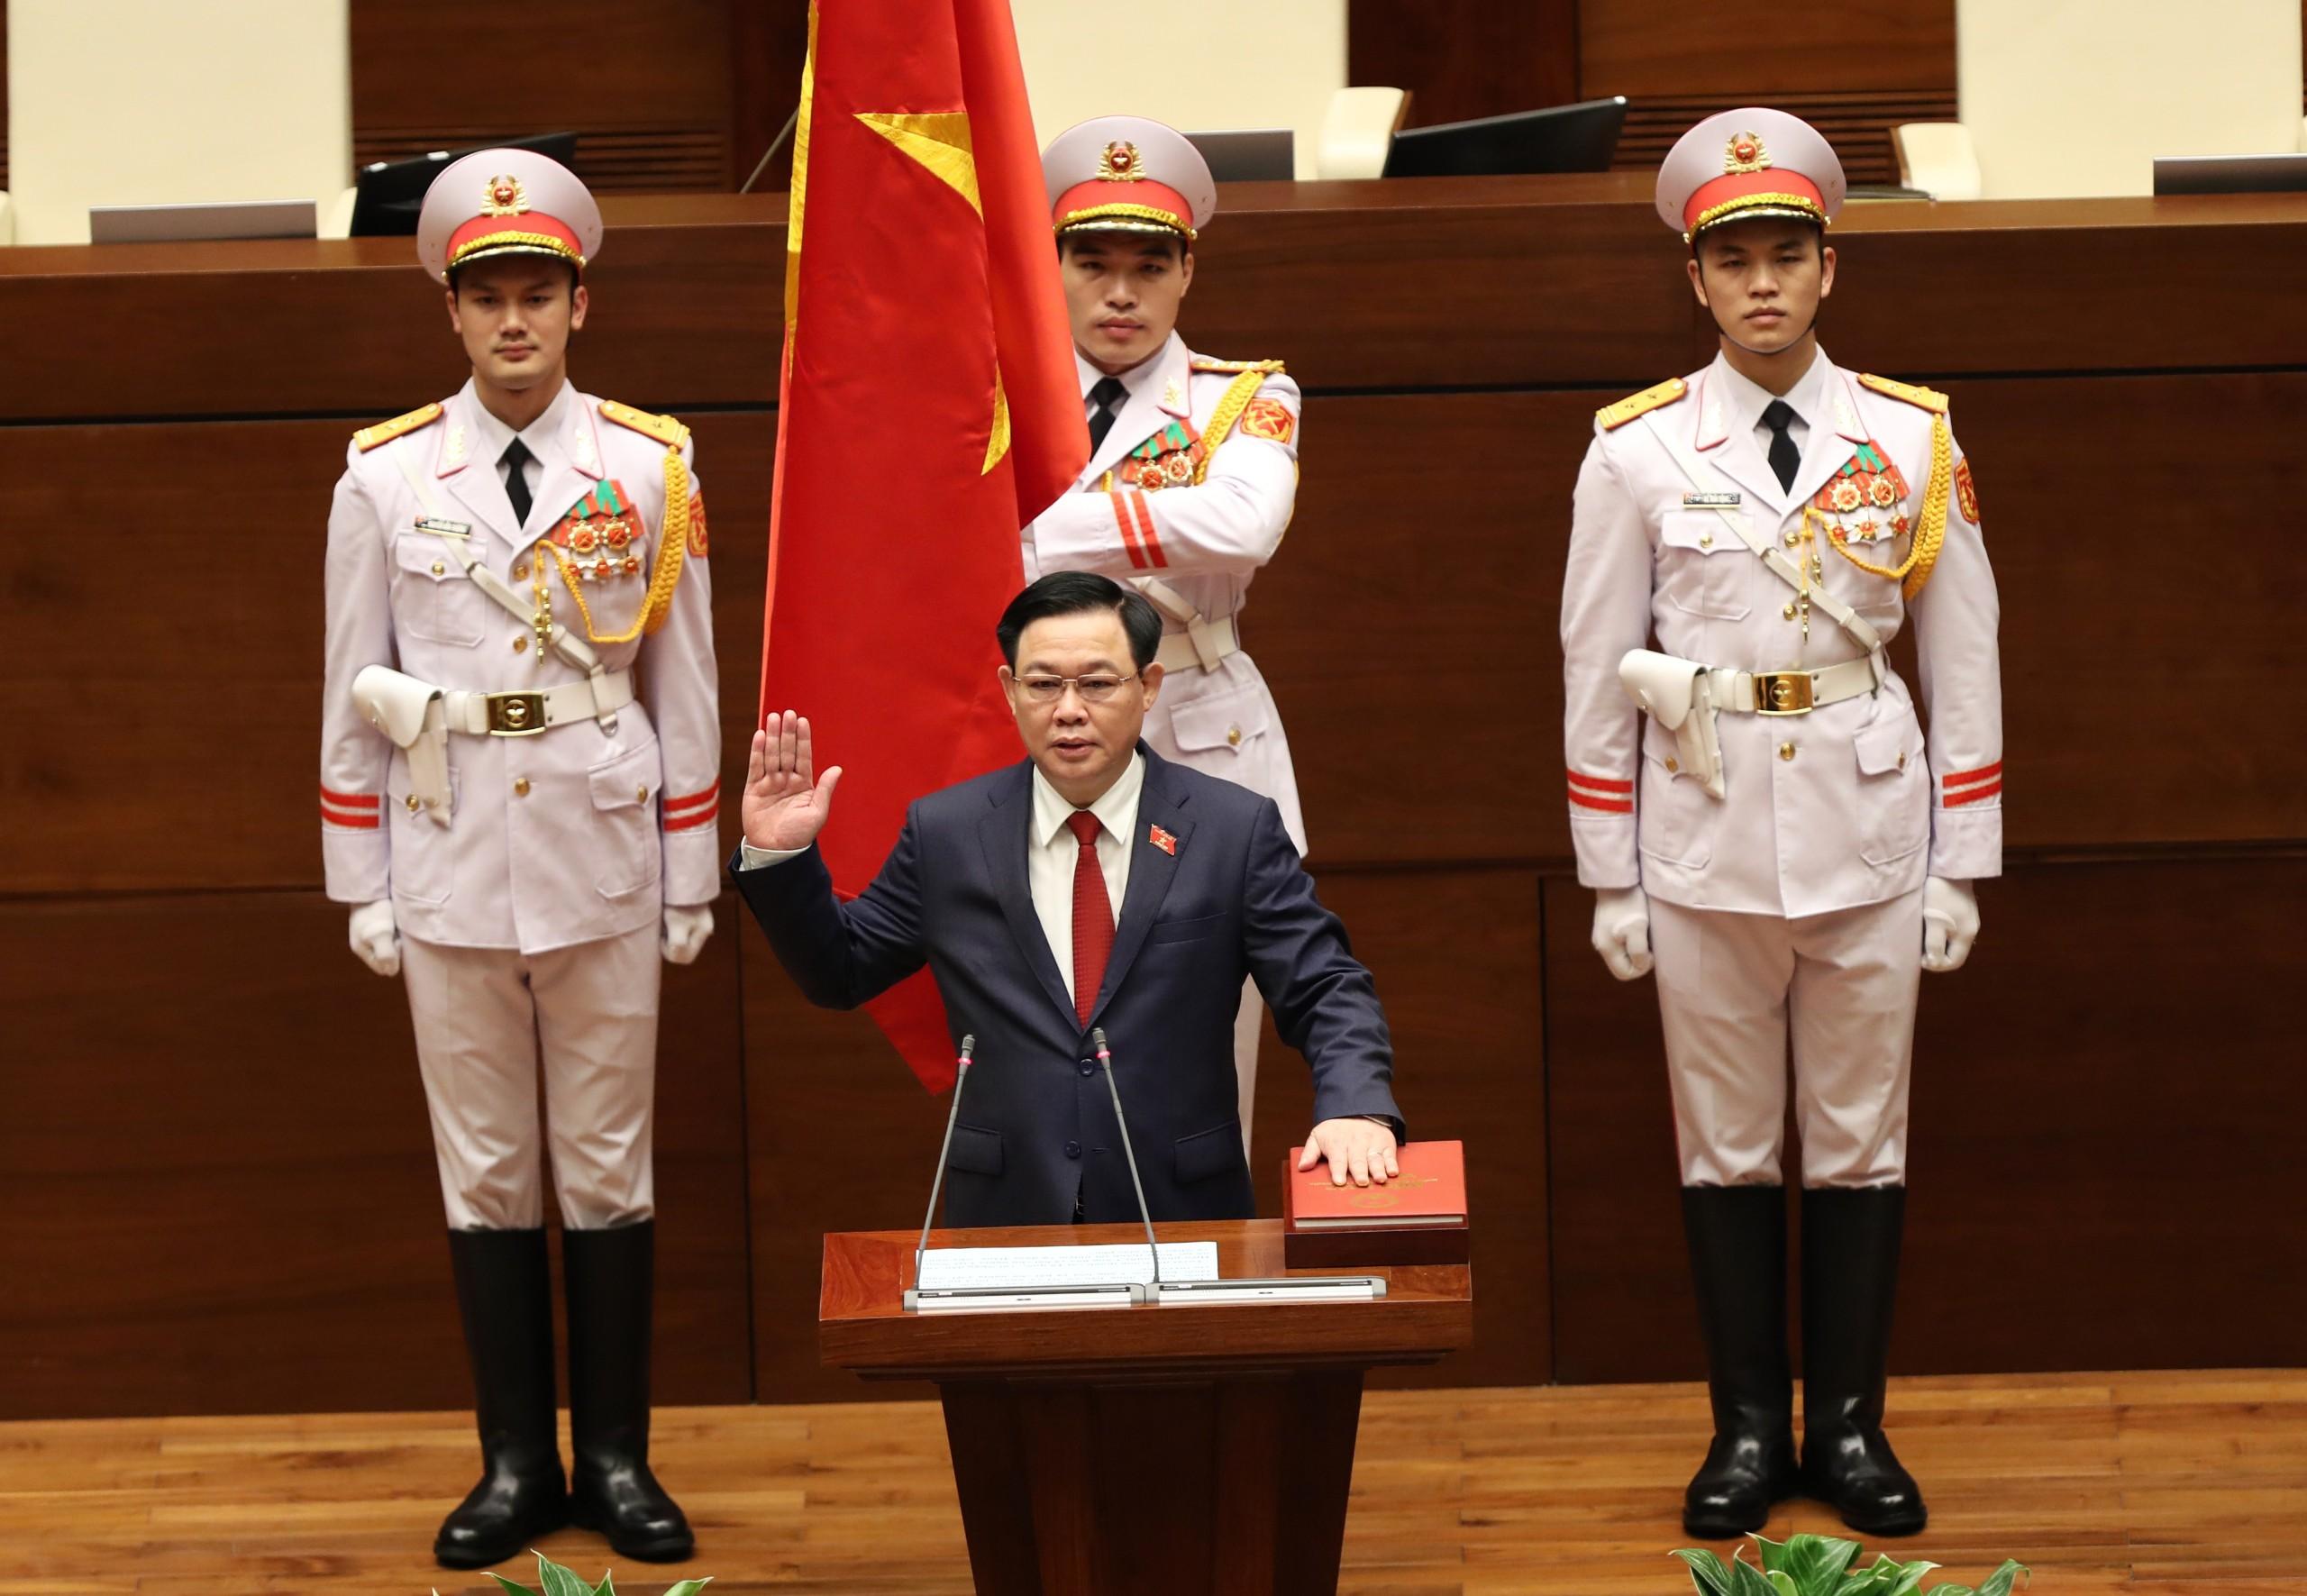 Chùm ảnh: Tân Chủ tịch Quốc hội tuyên thệ nhậm chức, điều hành phiên họp - Ảnh 4